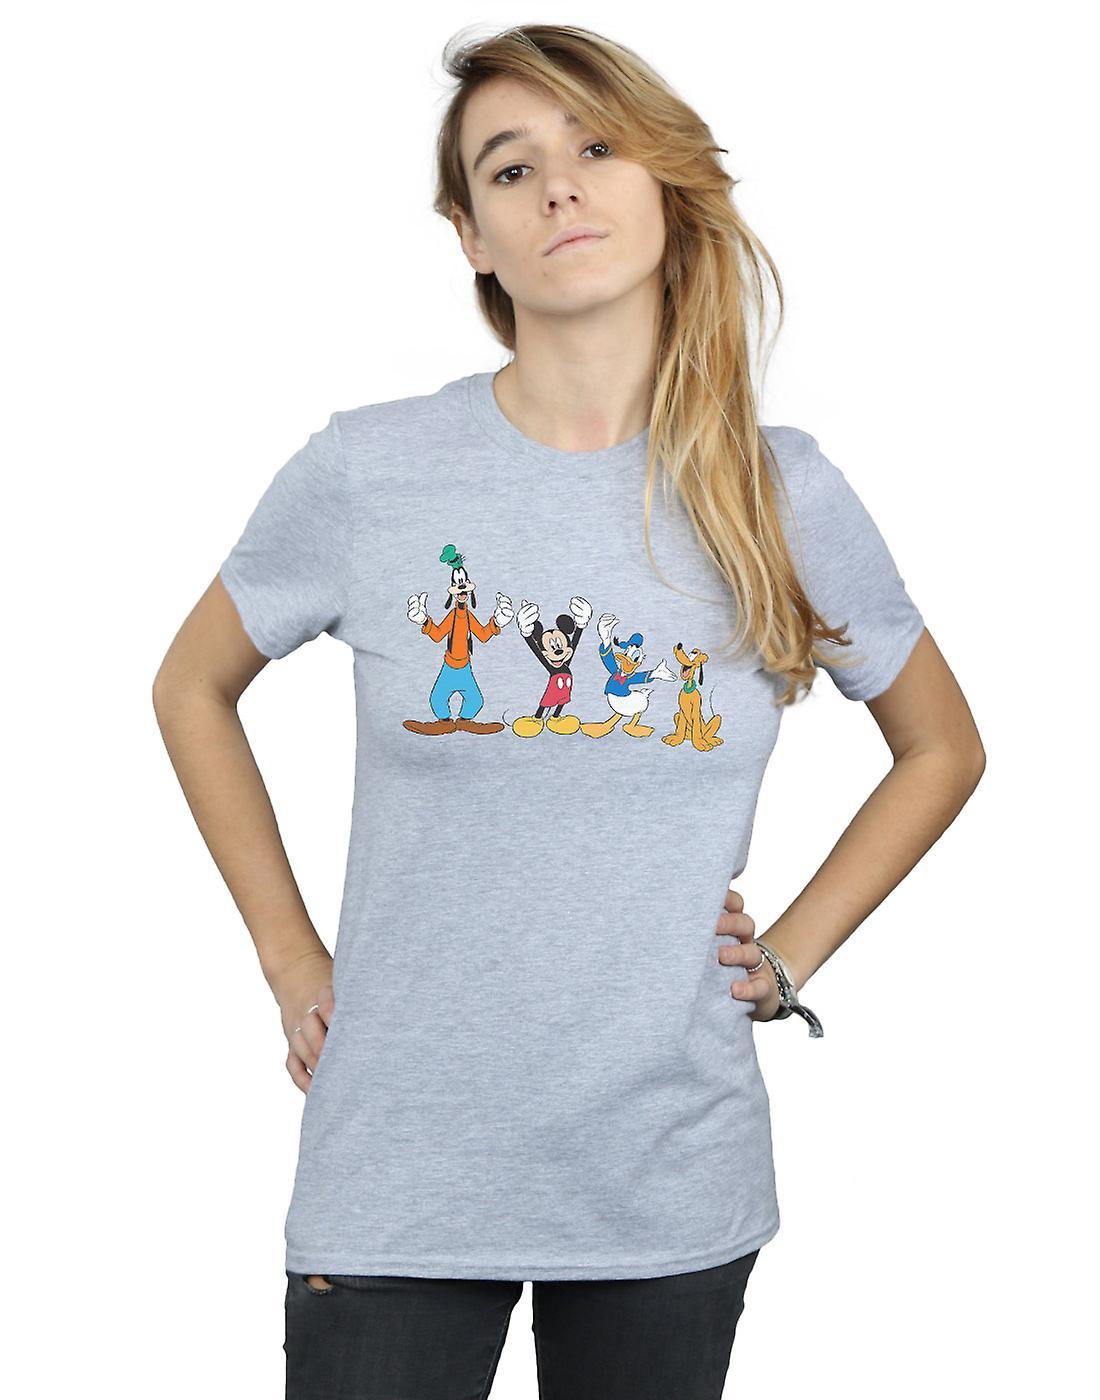 Disney Women's Mickey Mouse Friends Boyfriend Fit T-Shirt